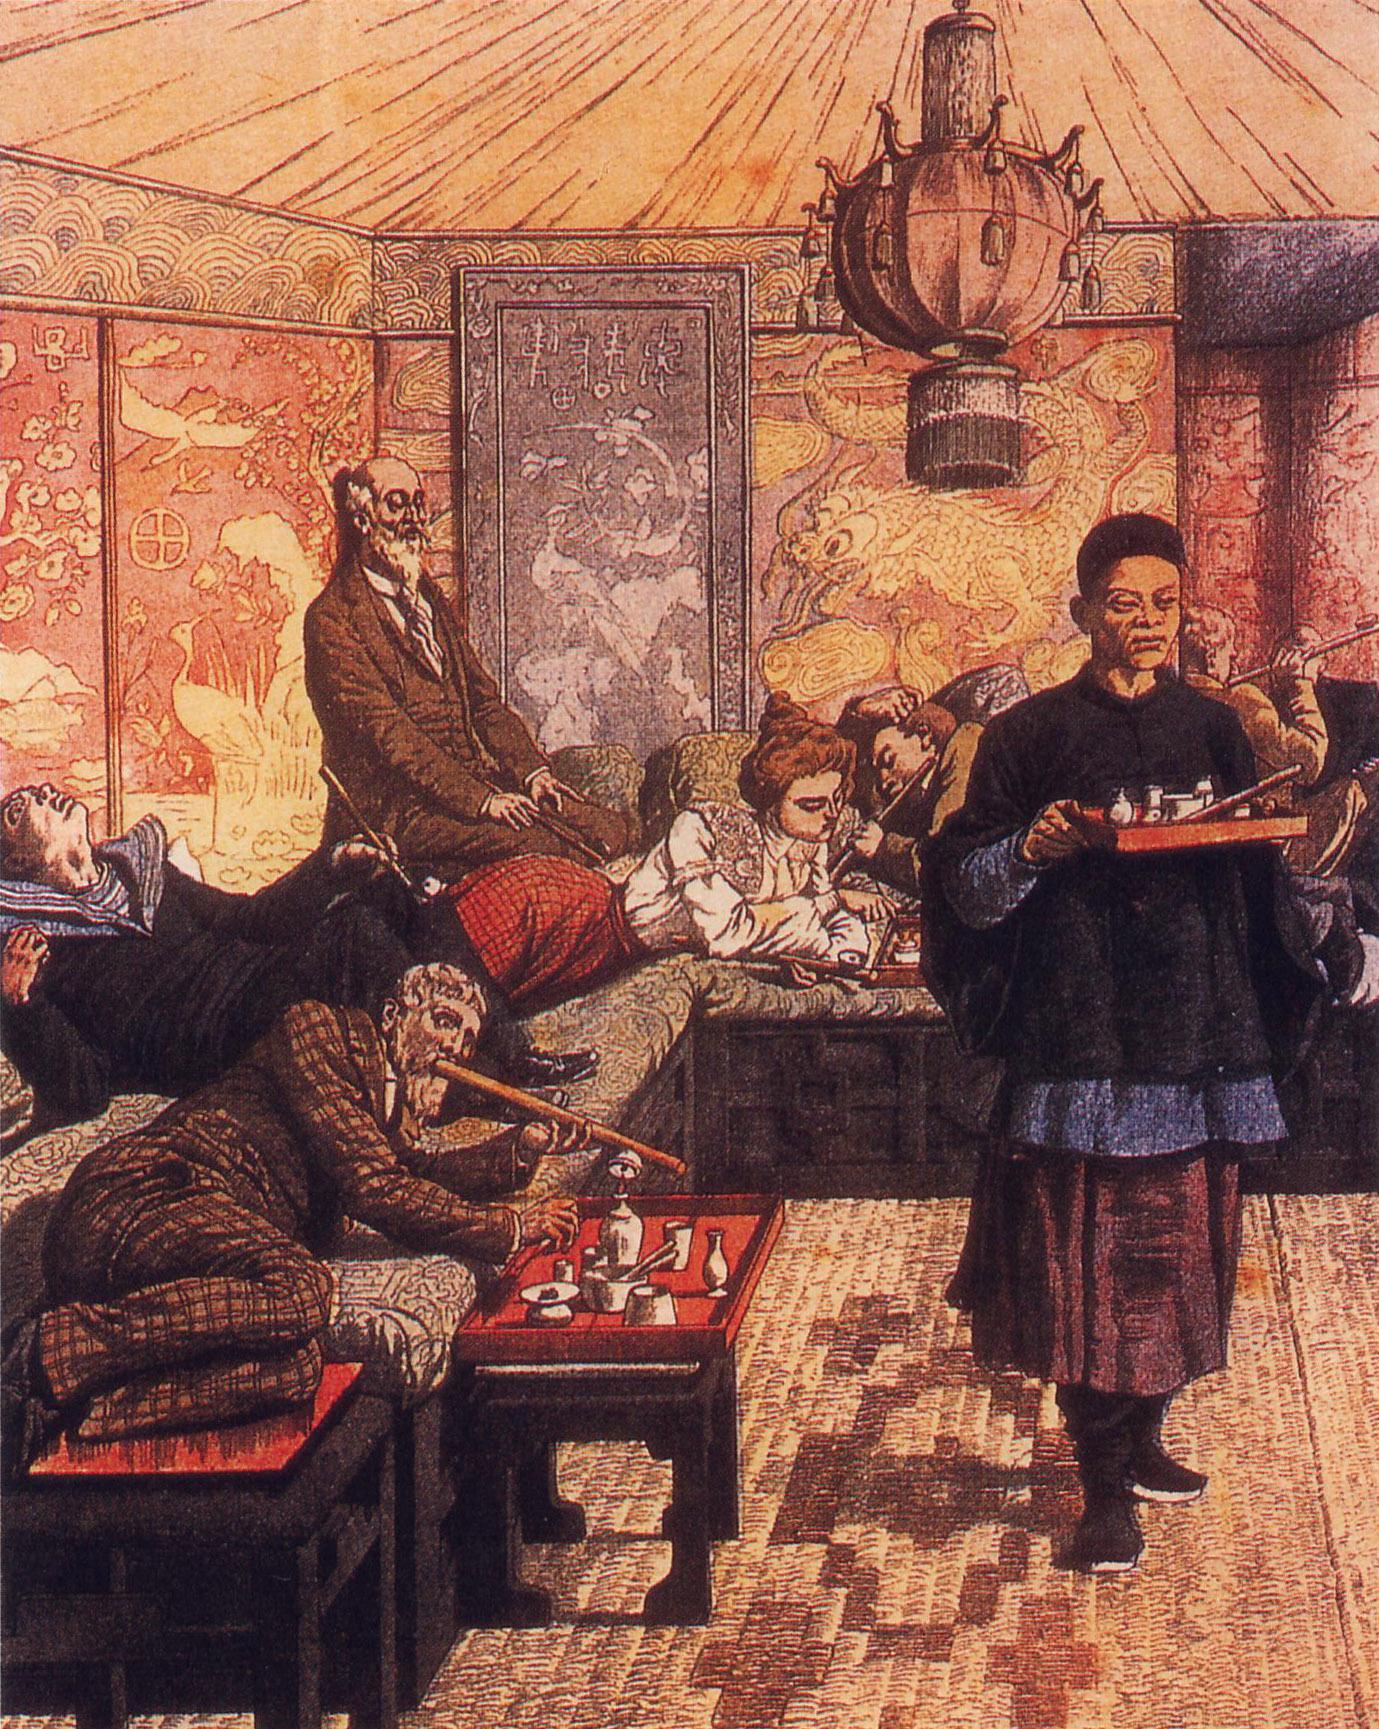 opium den France